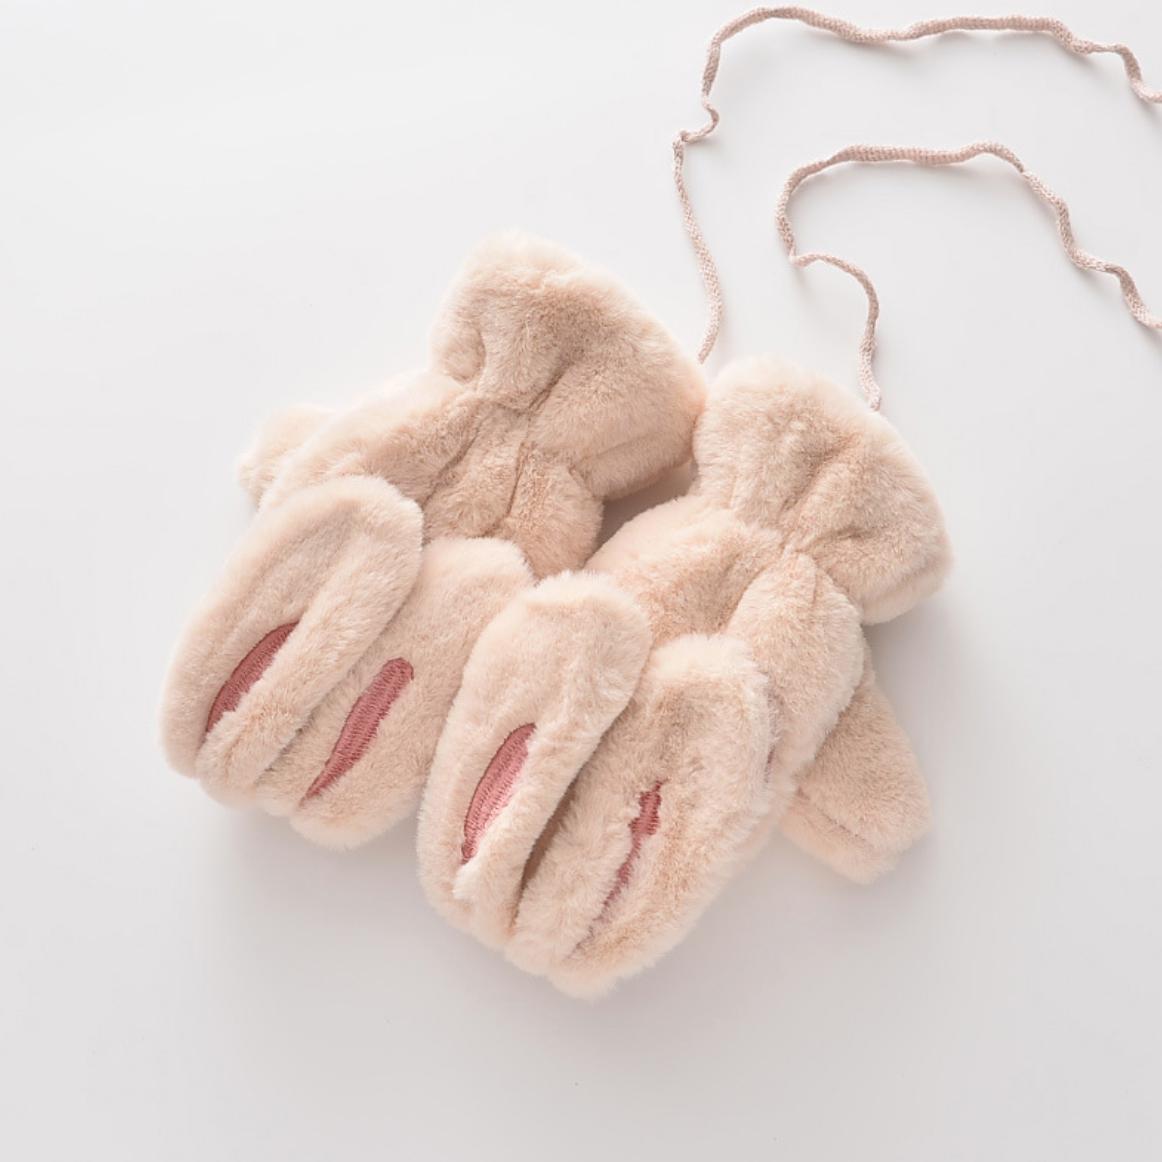 Bunny Ears Glove 2-4Y